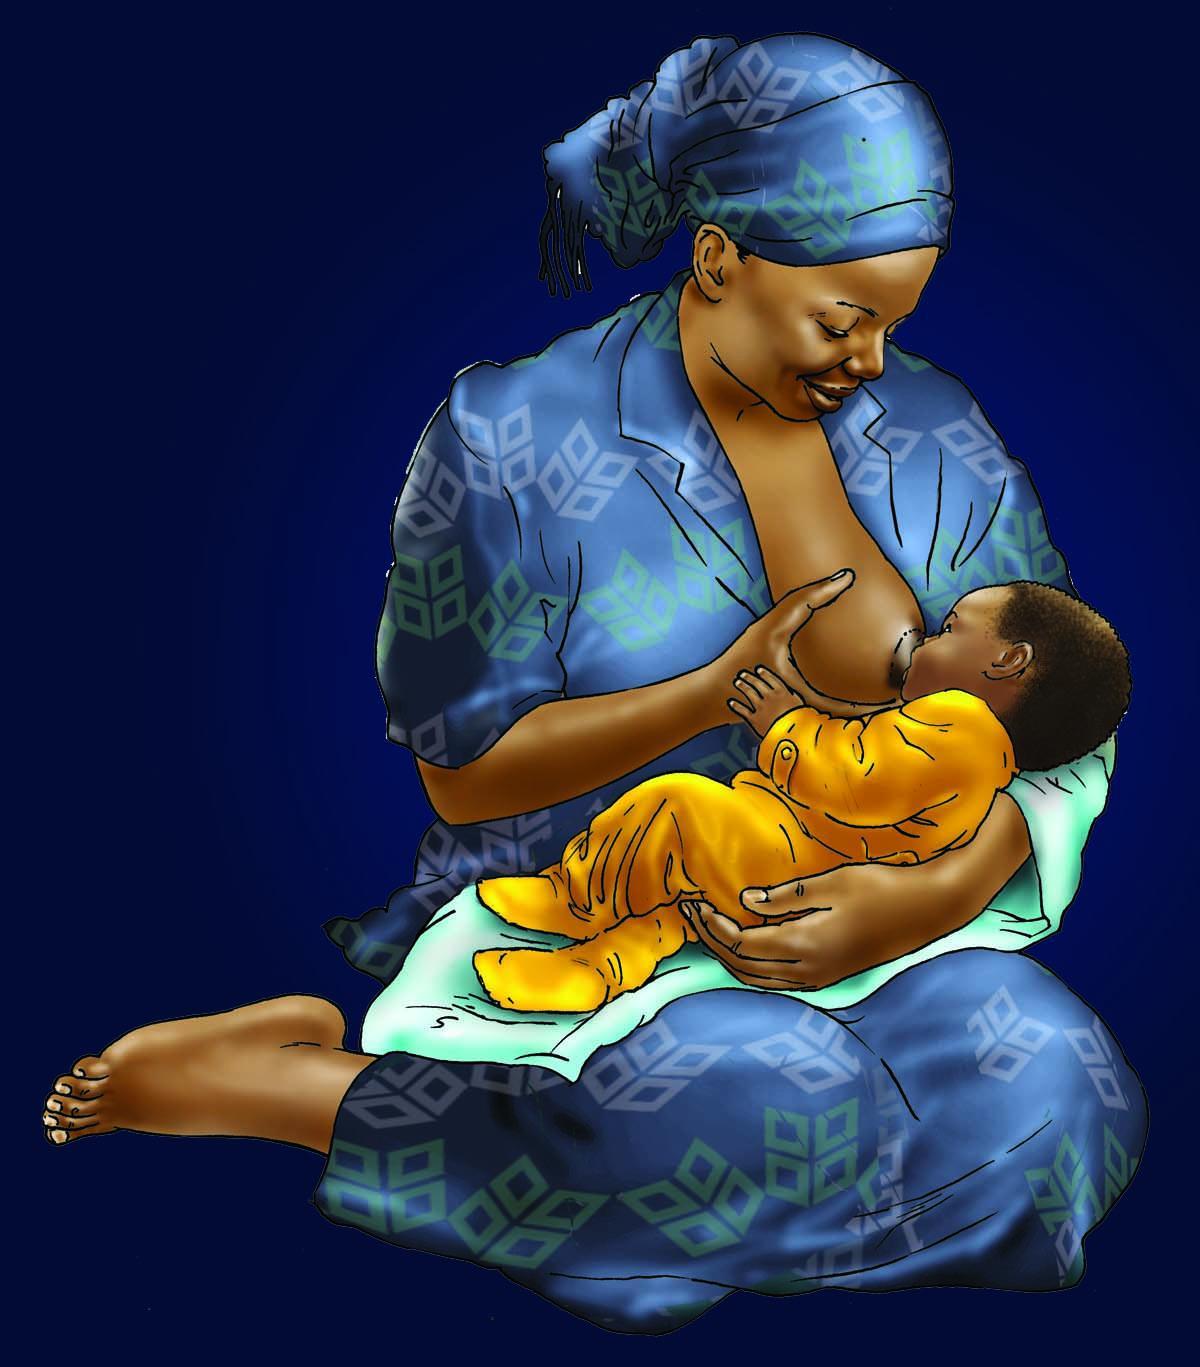 Breastfeeding - Breastfeeding 12-24mo 6-24 mo - 00B - Non-country specific